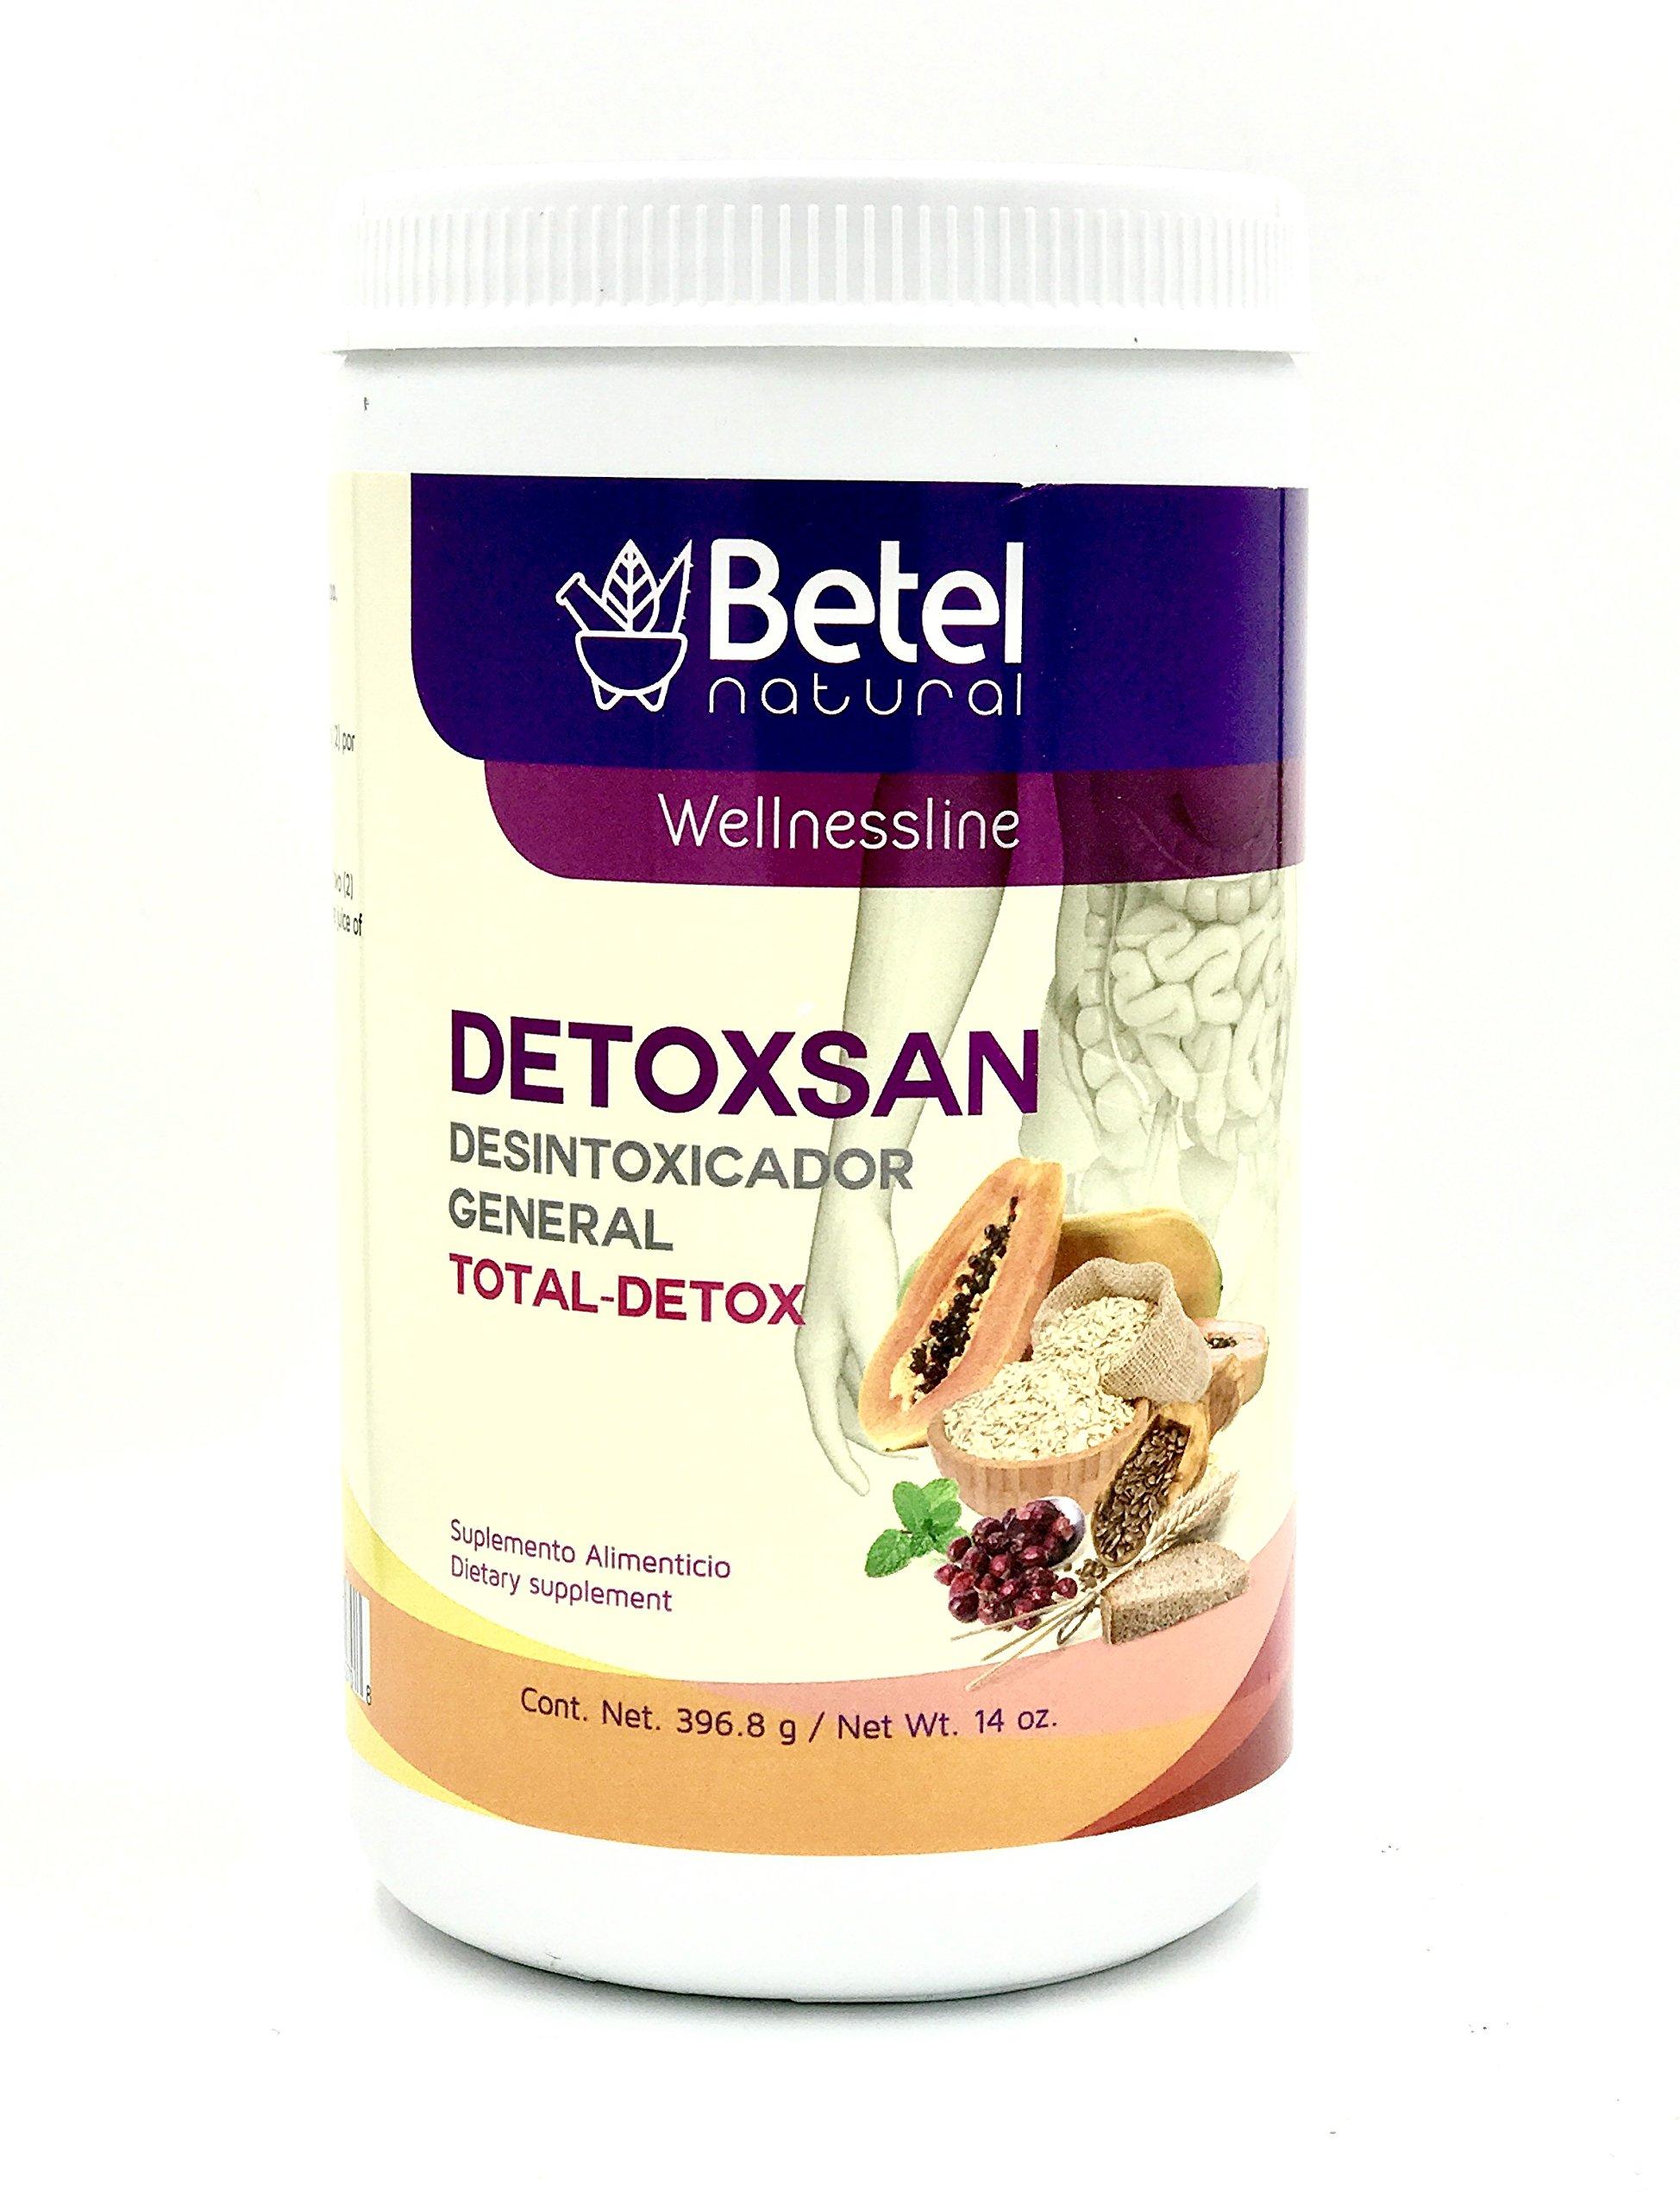 Detoxsan Total Detox Powder - Colon Cleanse and More - Betel Natural 14 Oz